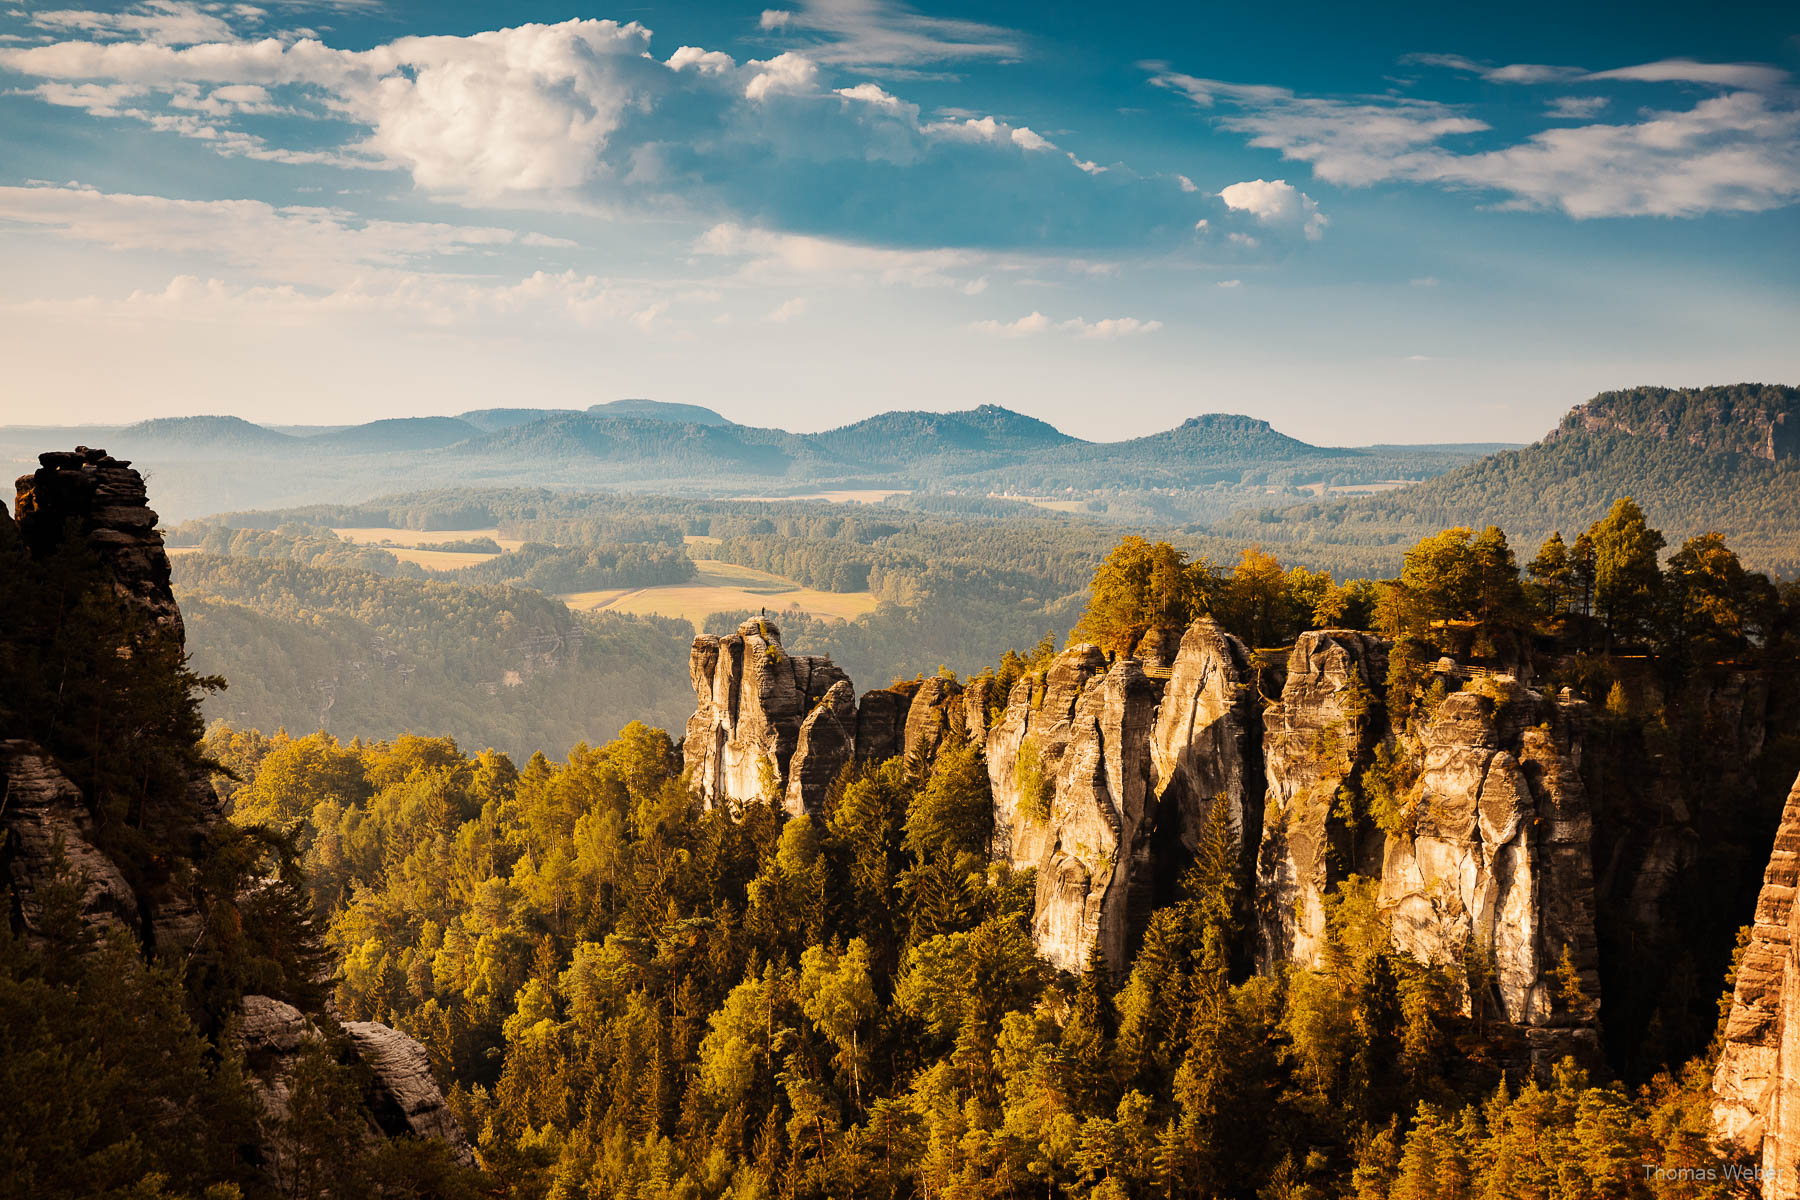 Fototour durch das Elbsandsteingebirge in der sächsischen Schweiz, Fotograf Thomas Weber aus Oldenburg